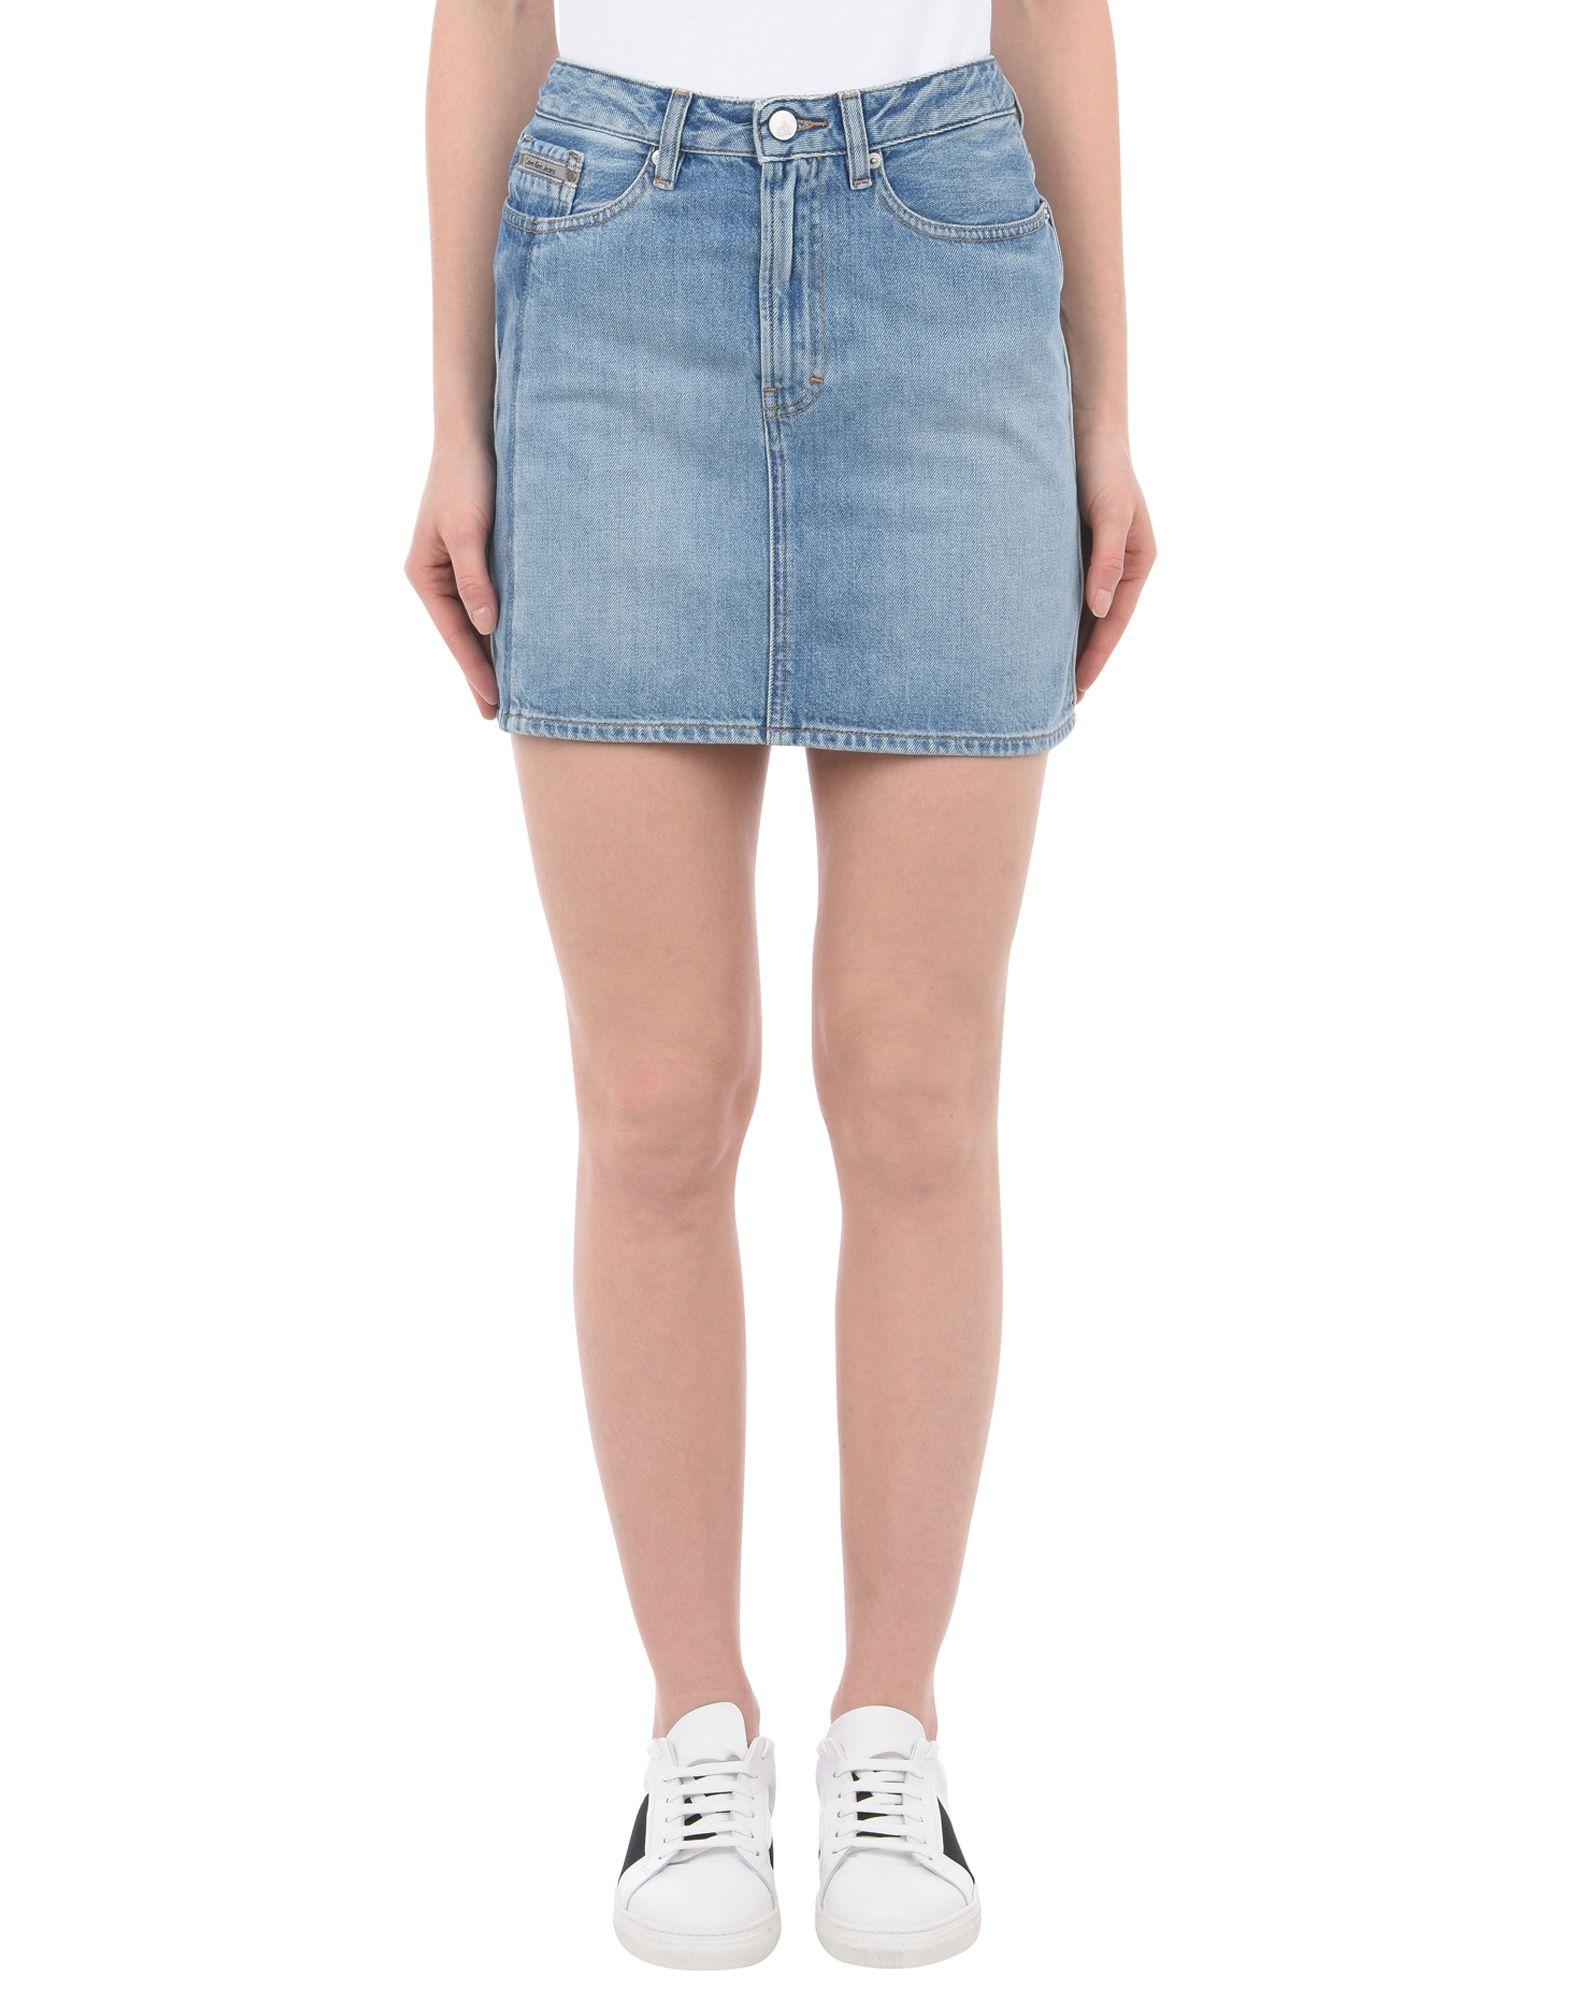 Gonna Jeans Calvin Klein Jeans Donna - Acquista online su 3sh3N8Vy